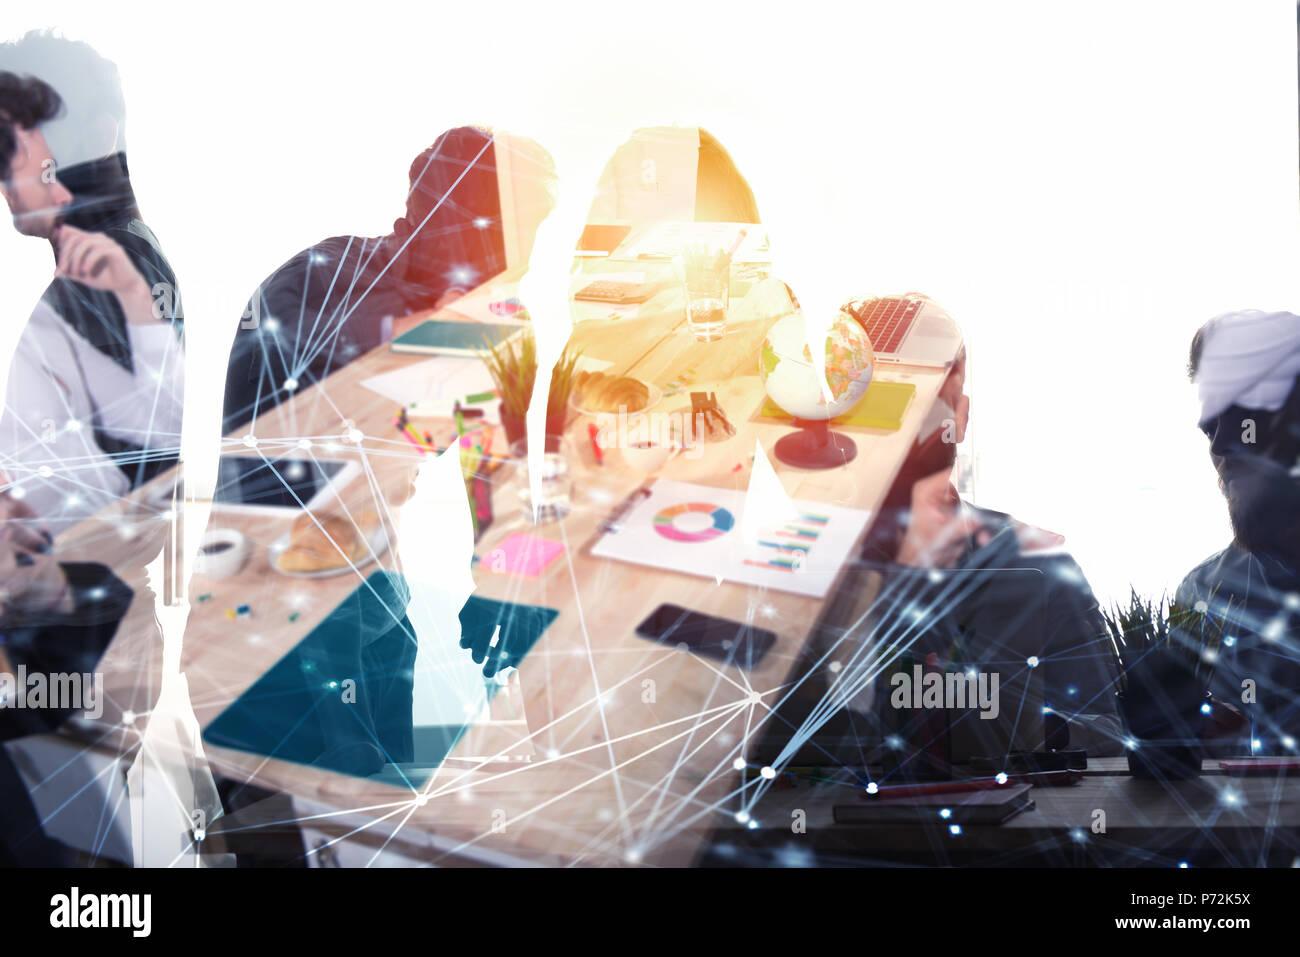 Geschäftsleute arbeiten zusammen im Büro mit Internet Netzwerk Effekte. Konzept der Teamarbeit und Partnerschaft. Double Exposure Stockbild